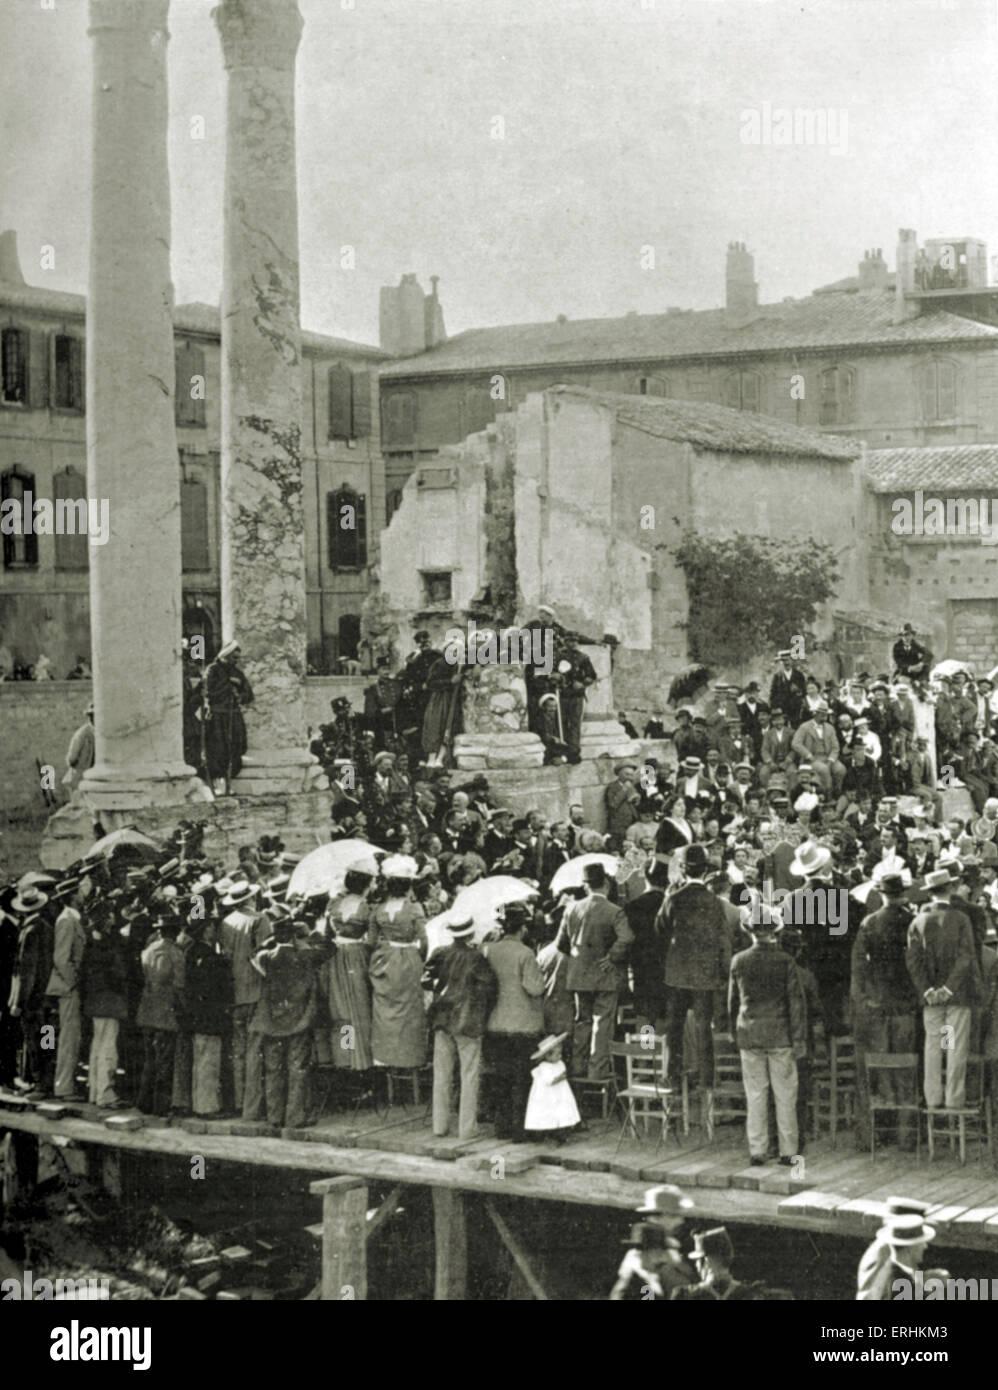 Les jeux floraux at the Théâtre antique in Arles - sur - Rhône : Marie Gasquet, French novelist, - Stock Image